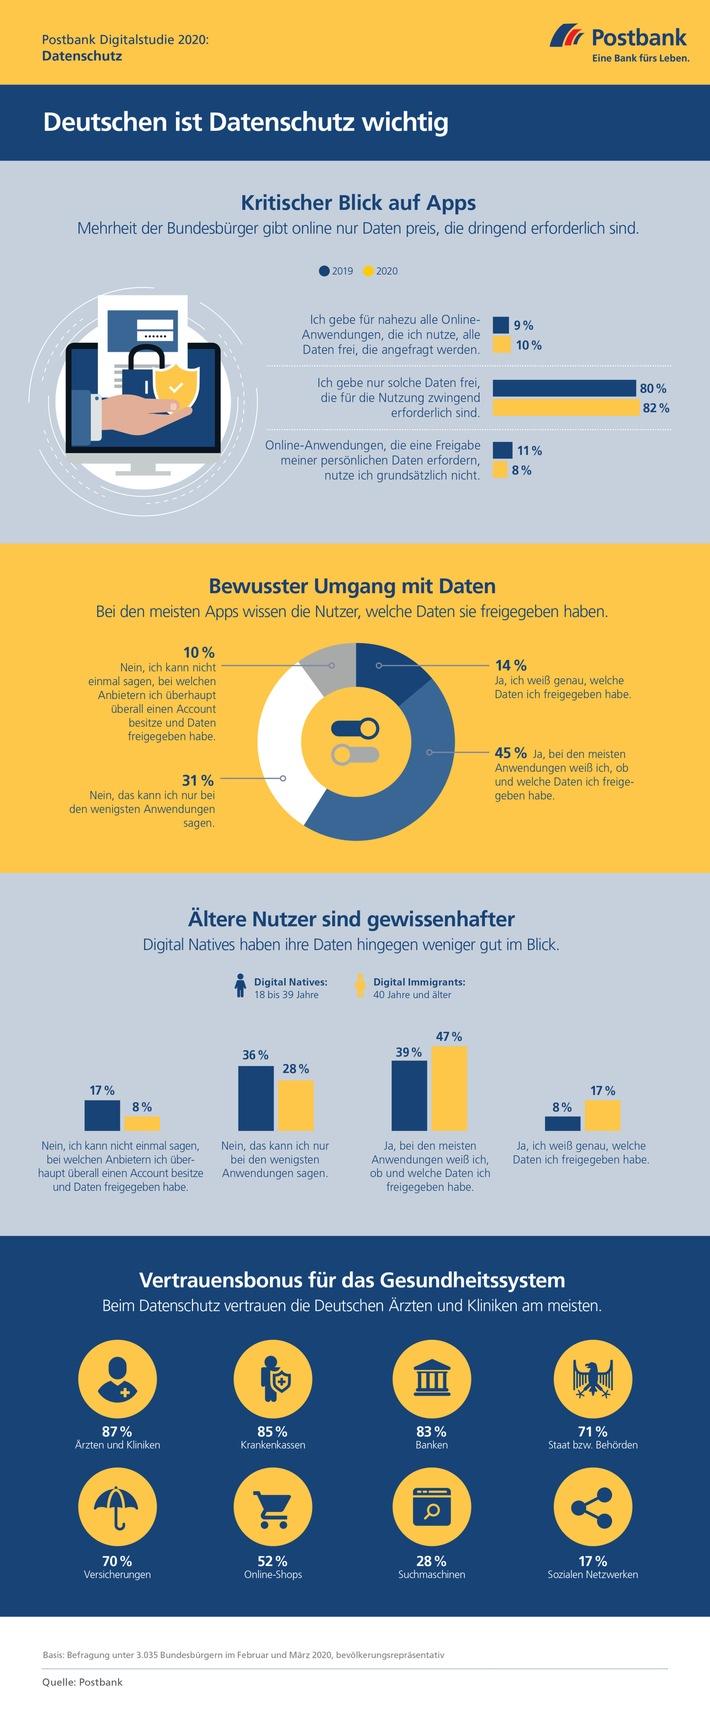 Postbank Digitalstudie 2020 / Deutsche nehmen Datenschutz ernst / Mehrheit gibt online nur Daten preis, die dringend erforderlich sind